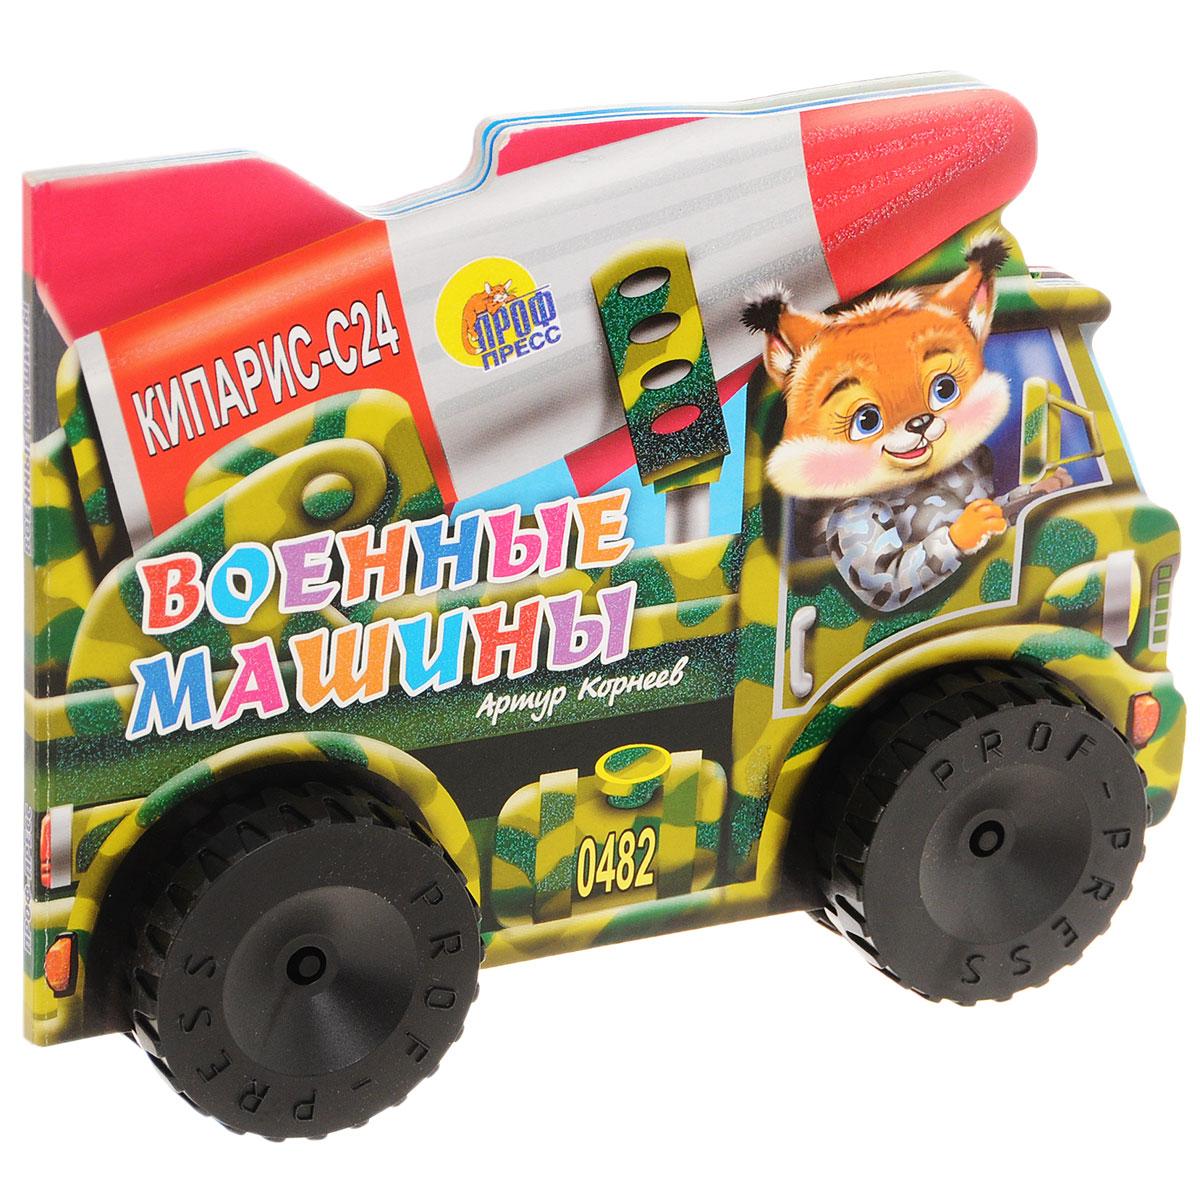 Артур Корнеев Военные машины. Кипарис-С24 машины tomy john deere трактор monster treads с большими колесами и вибрацией